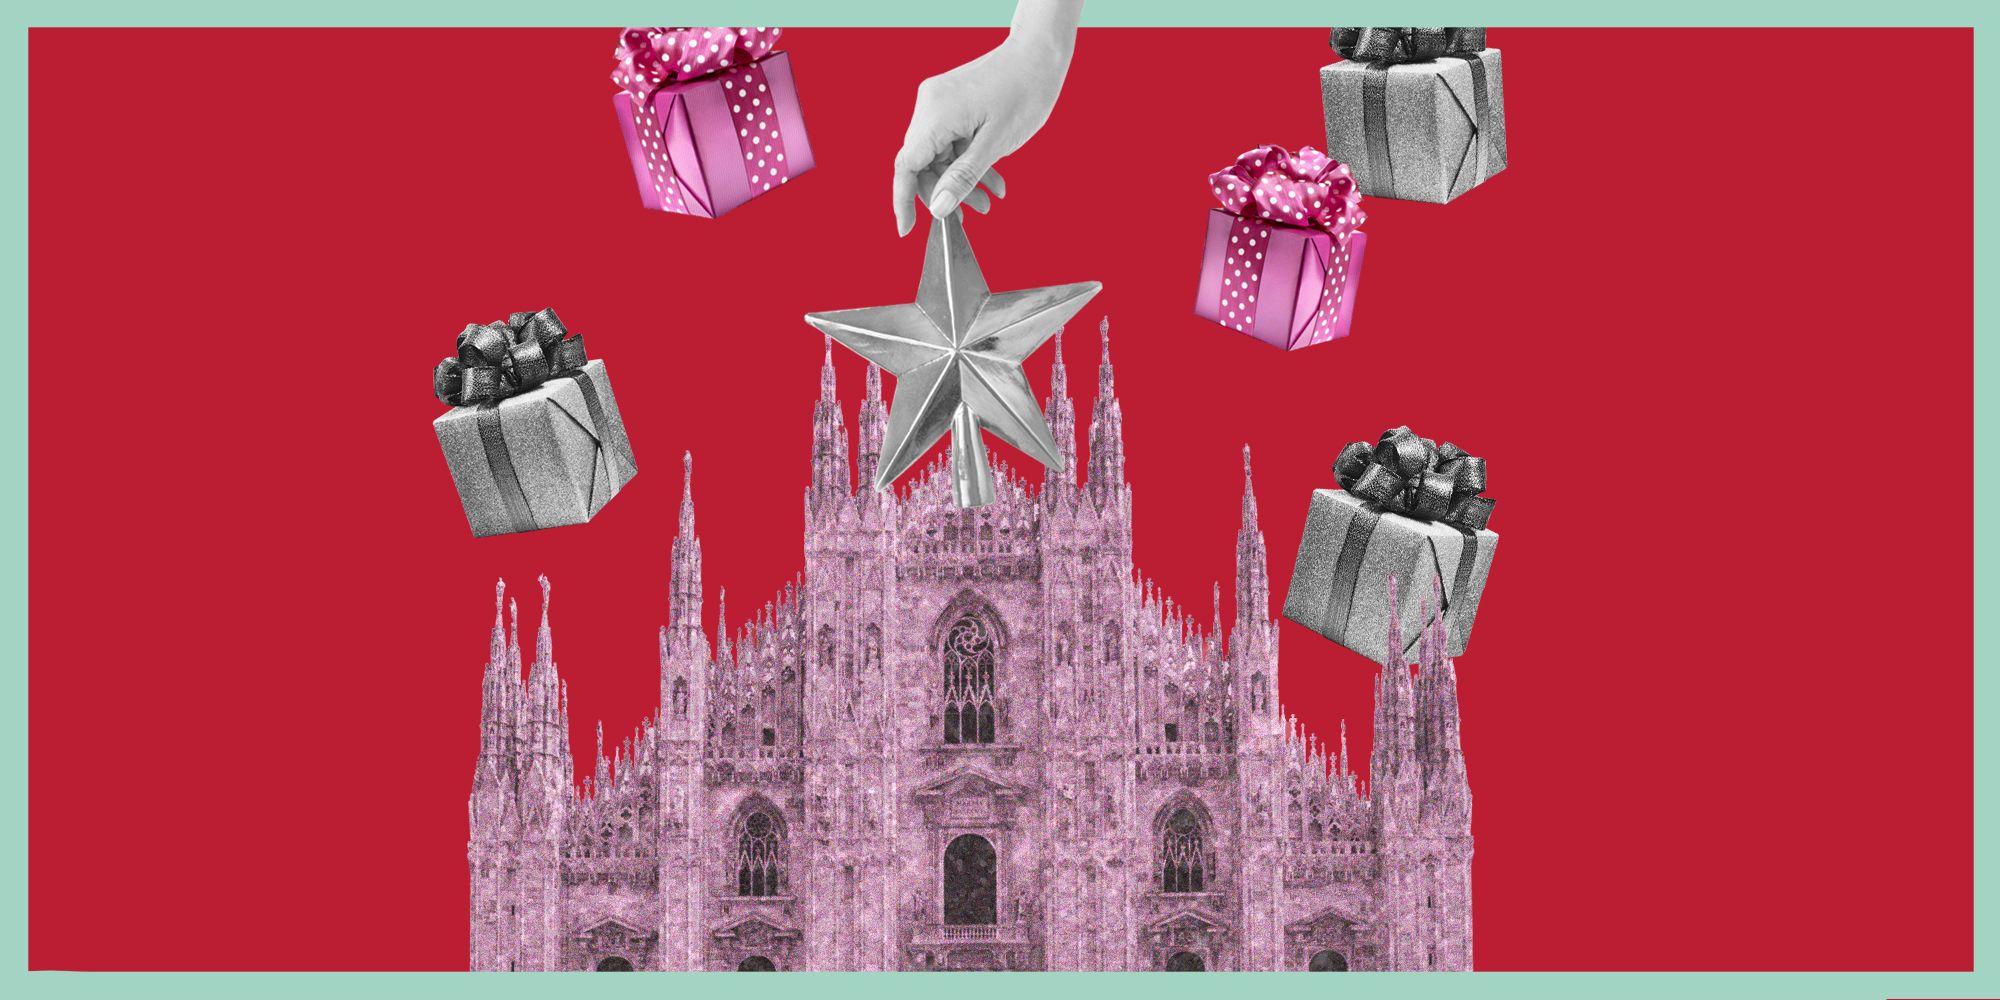 Natale 2019, 7 (+1) buoni motivi per fare i regali a Milano con una sessione di shopping super selezionato